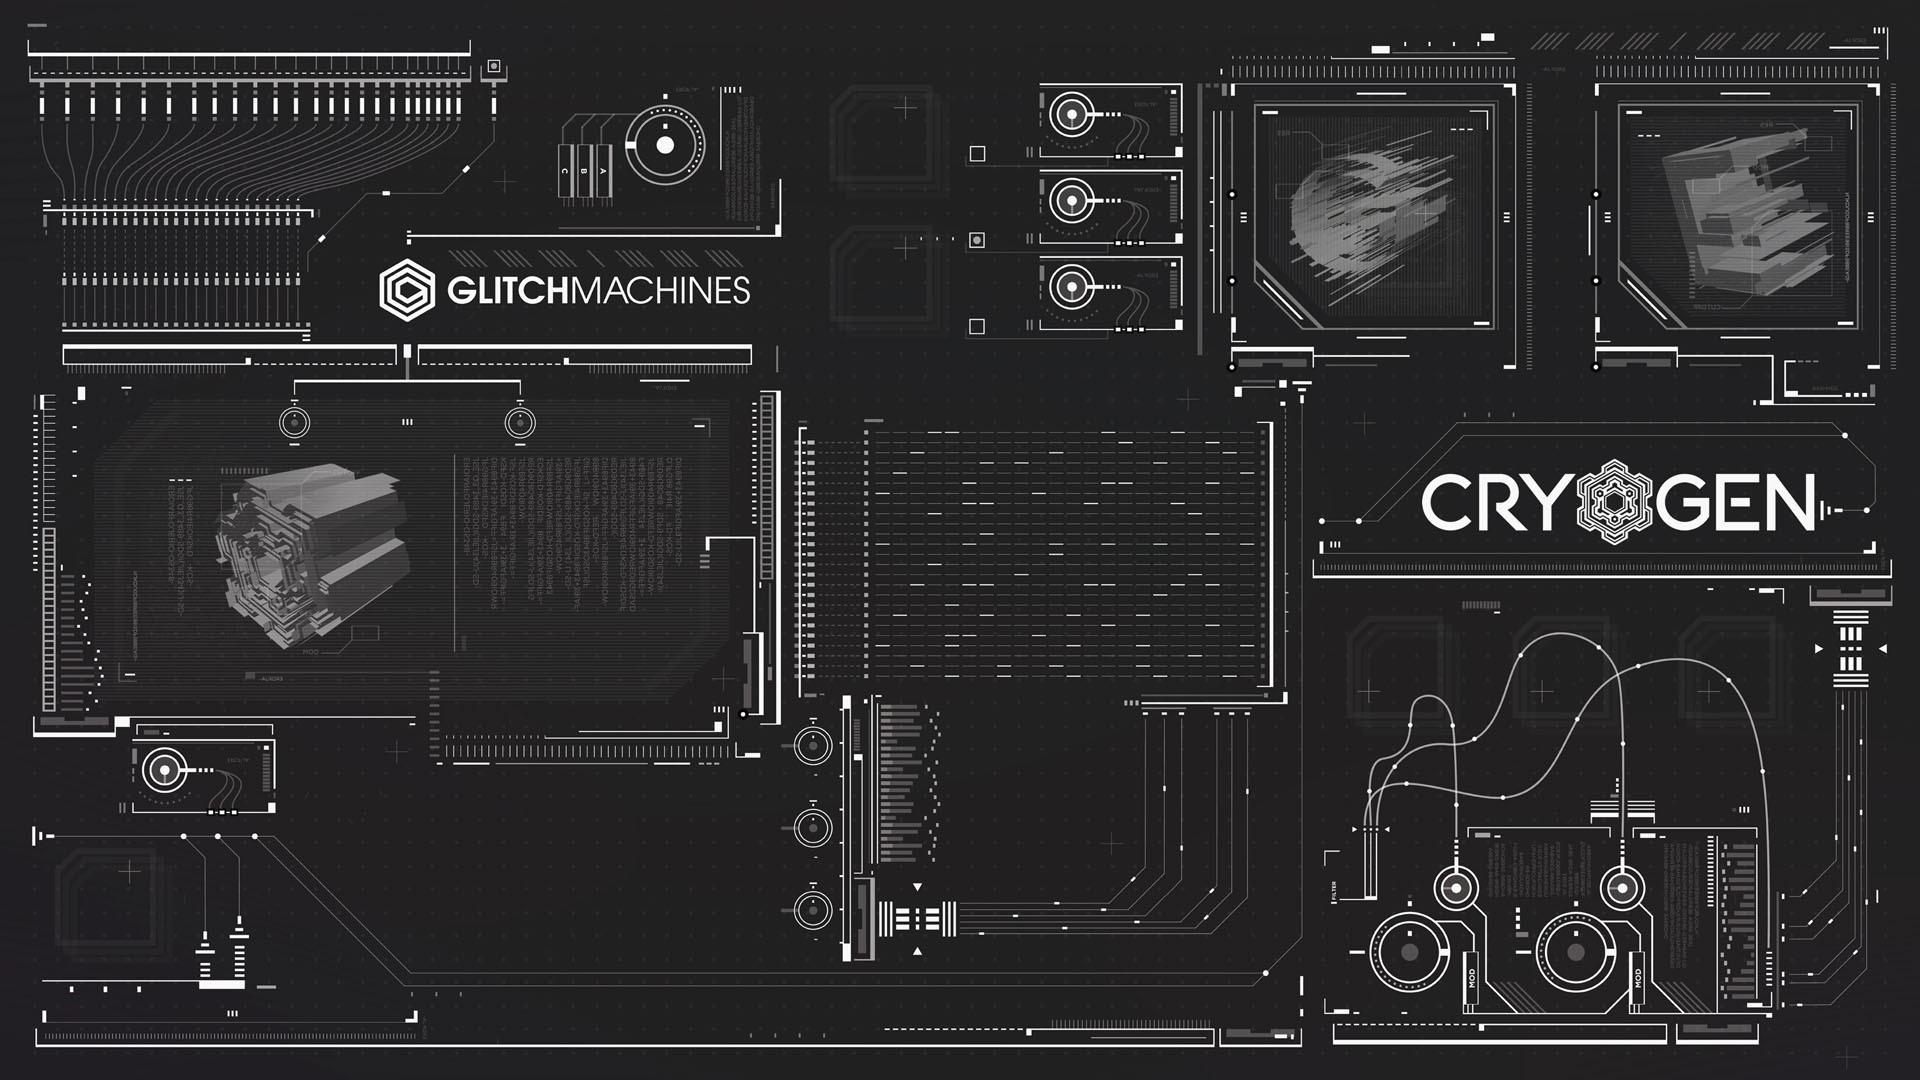 Glitchmachines - Cryogen